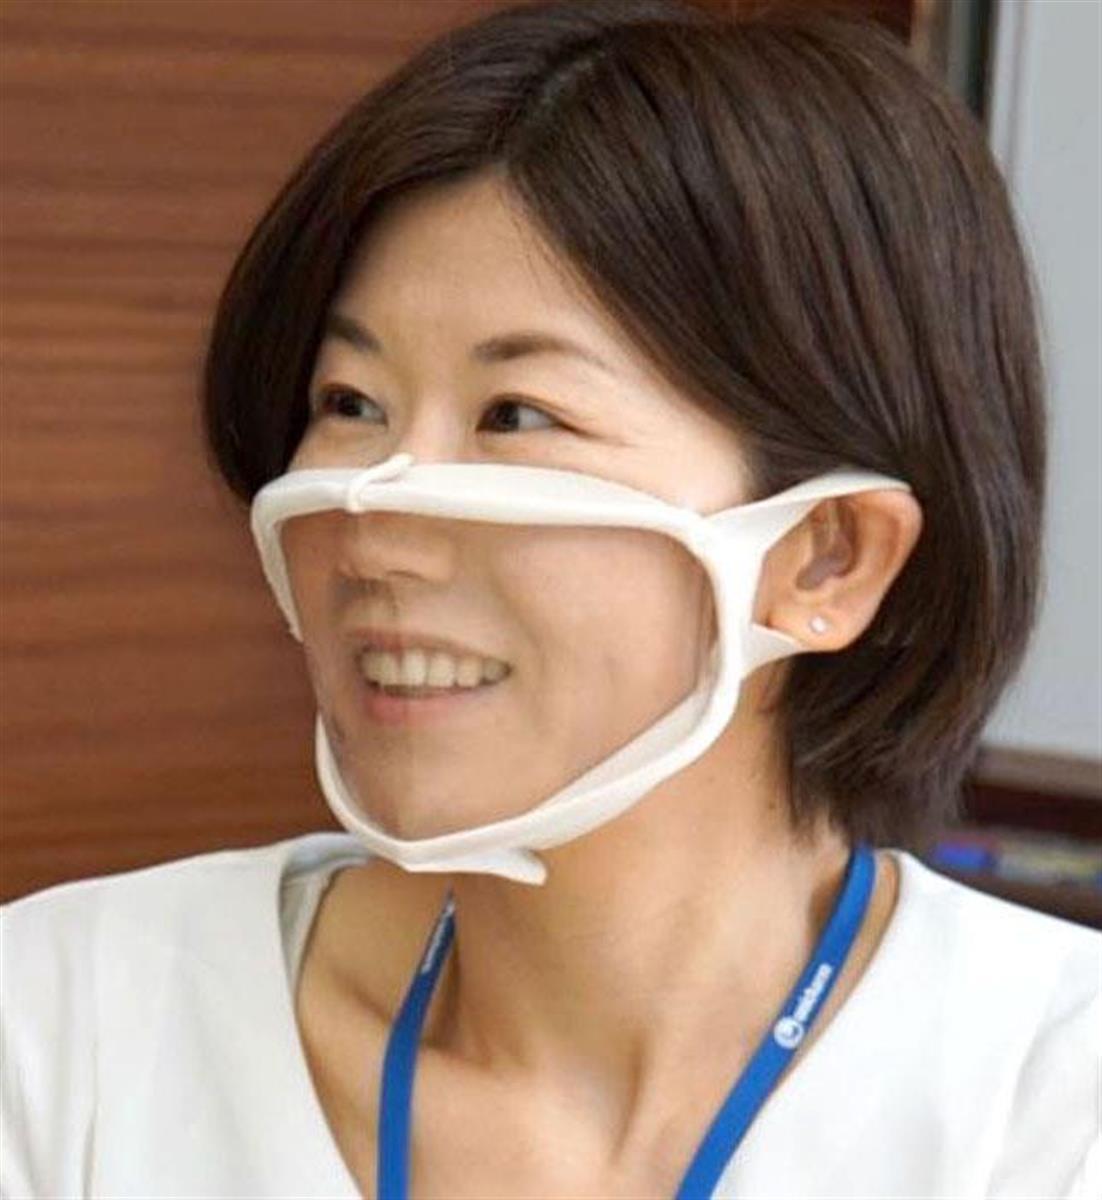 【新製品】ユニ・チャームから口元が透明なマスク「顔が見えマスク」発売  [記憶たどり。★]